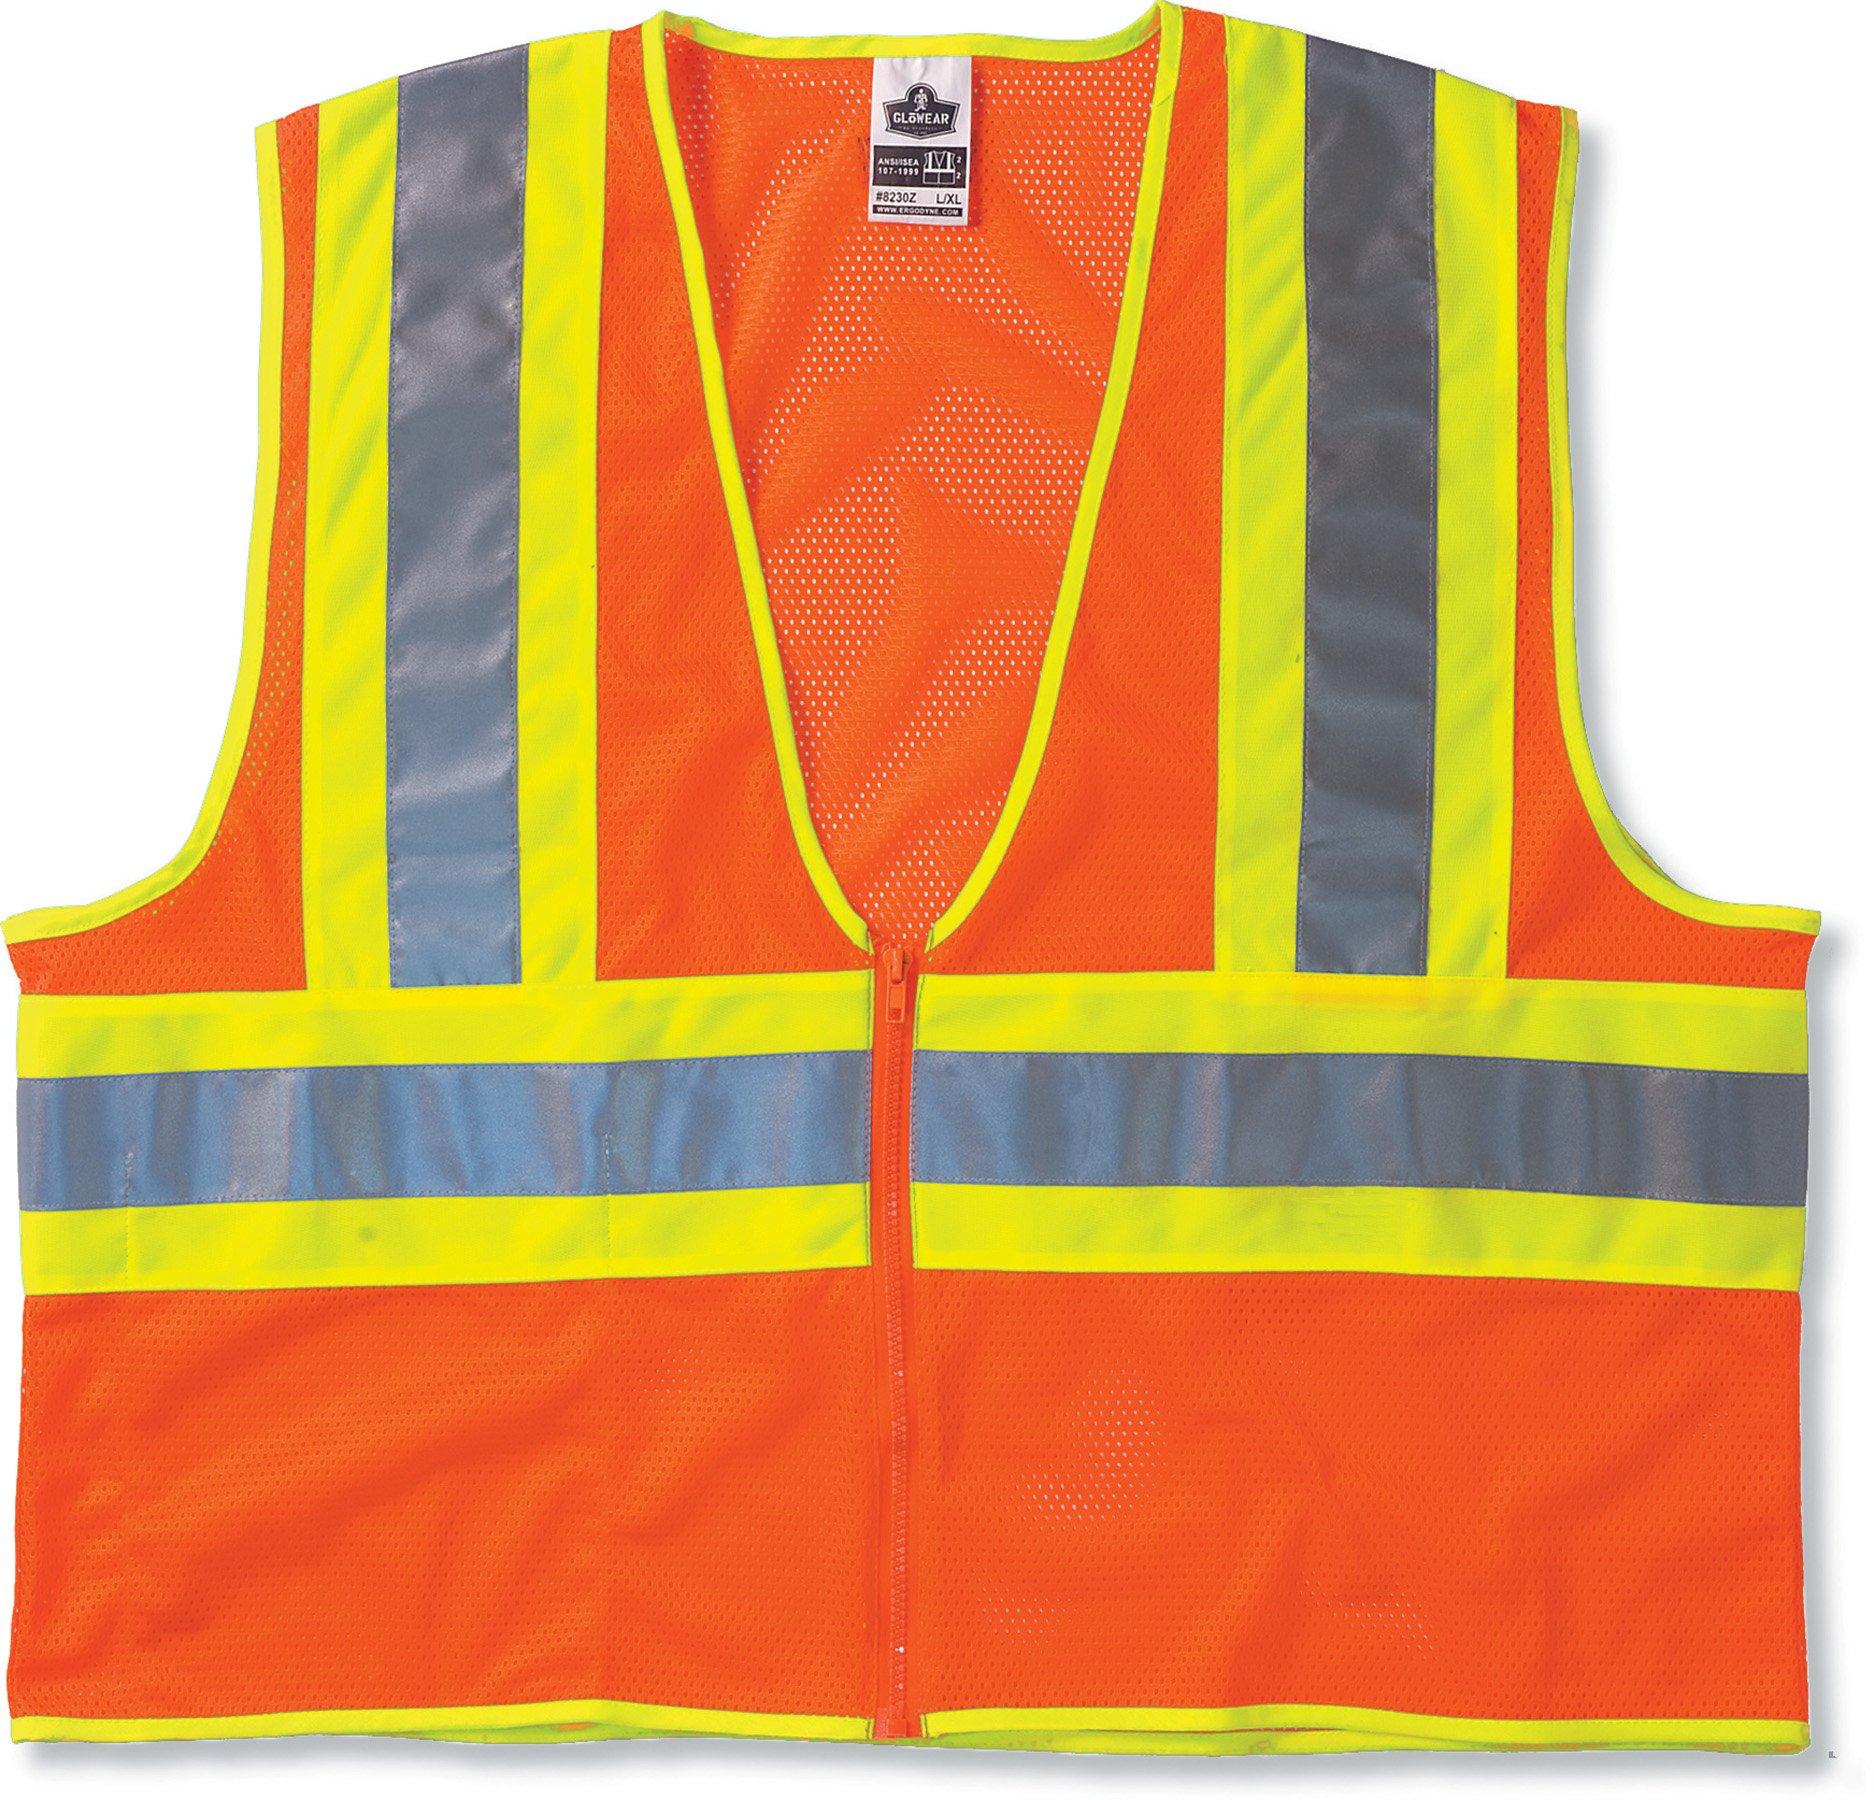 Ergodyne GloWear 8229Z ANSI Economy Two-Tone High Visibility Orange Safety Vest, 2XL/3XL